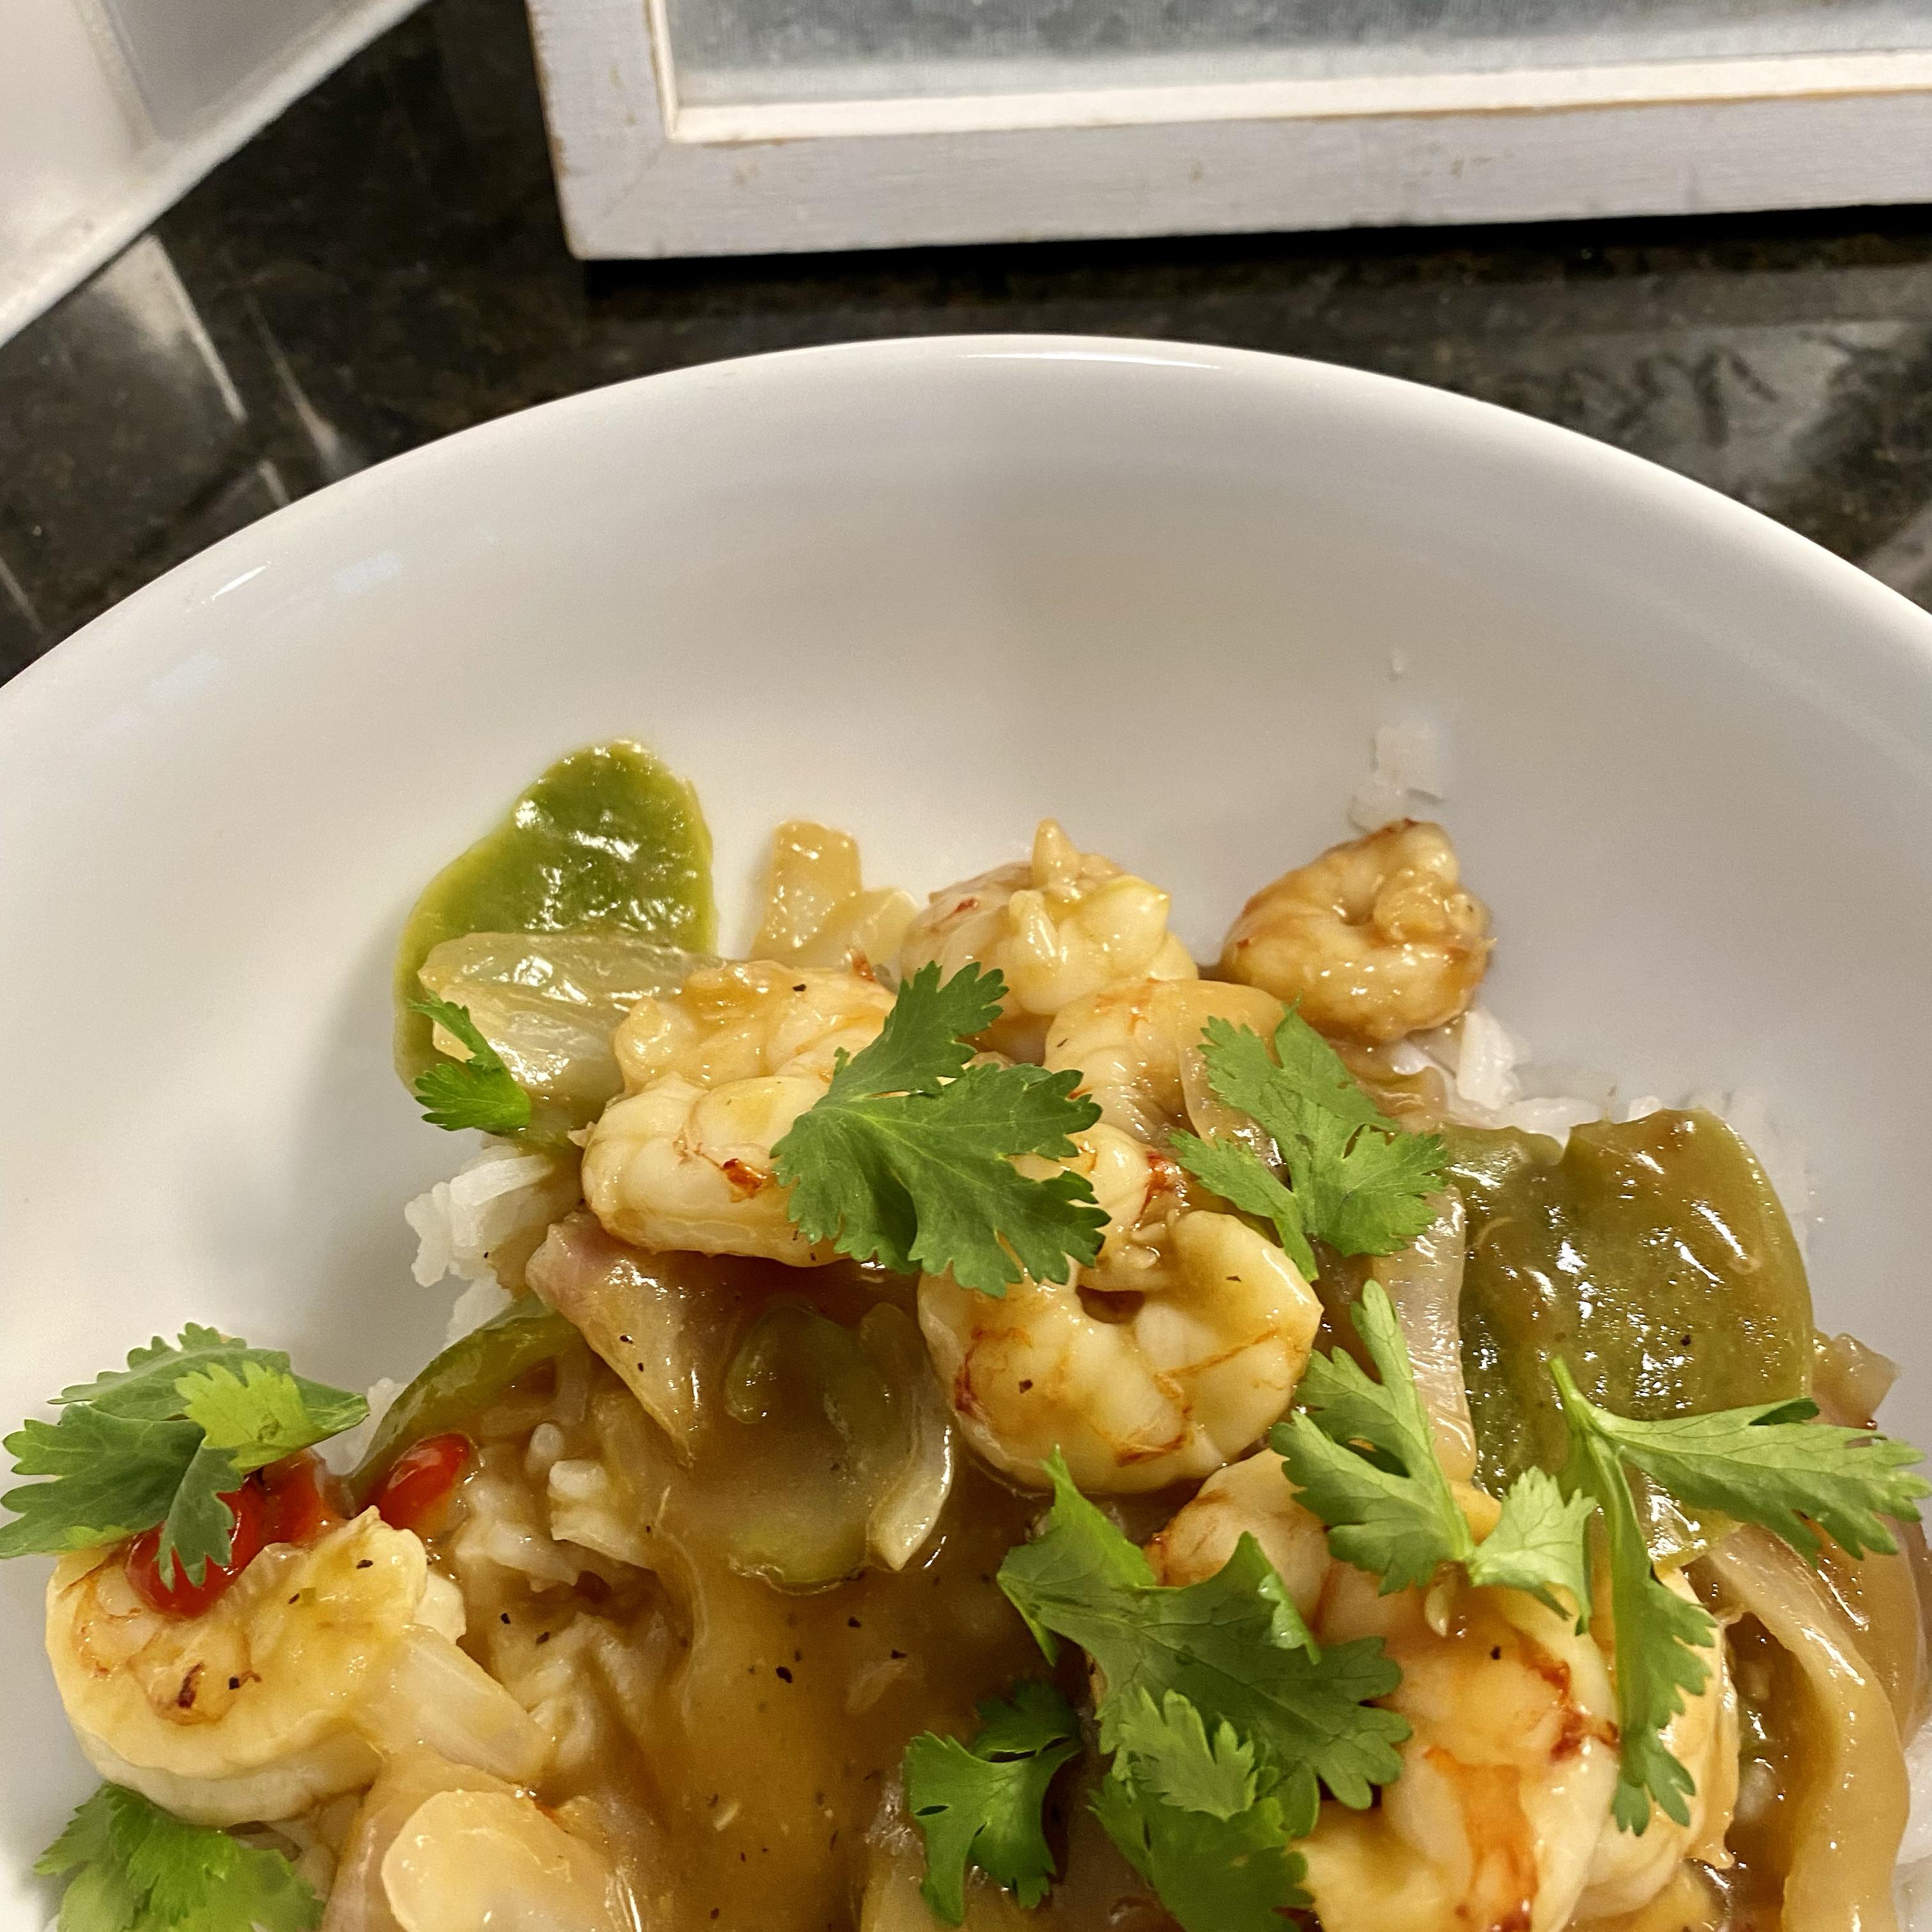 Easy Shrimp Vegetable Stir Fry Mark Hudson